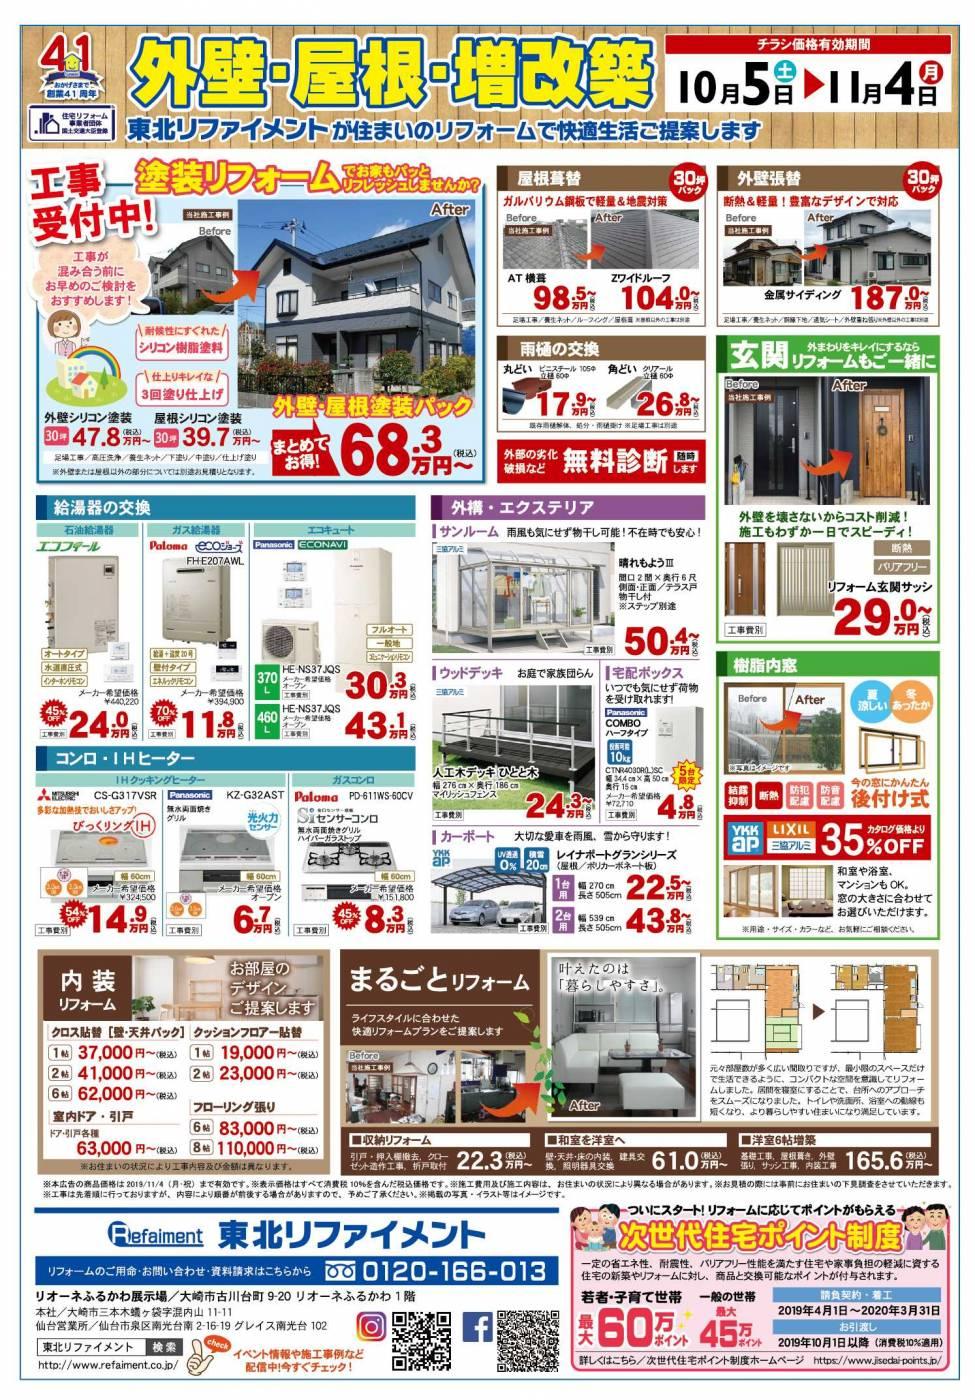 広告(2019_10_05~) 秋リフォームフェア B4 OTL 裏